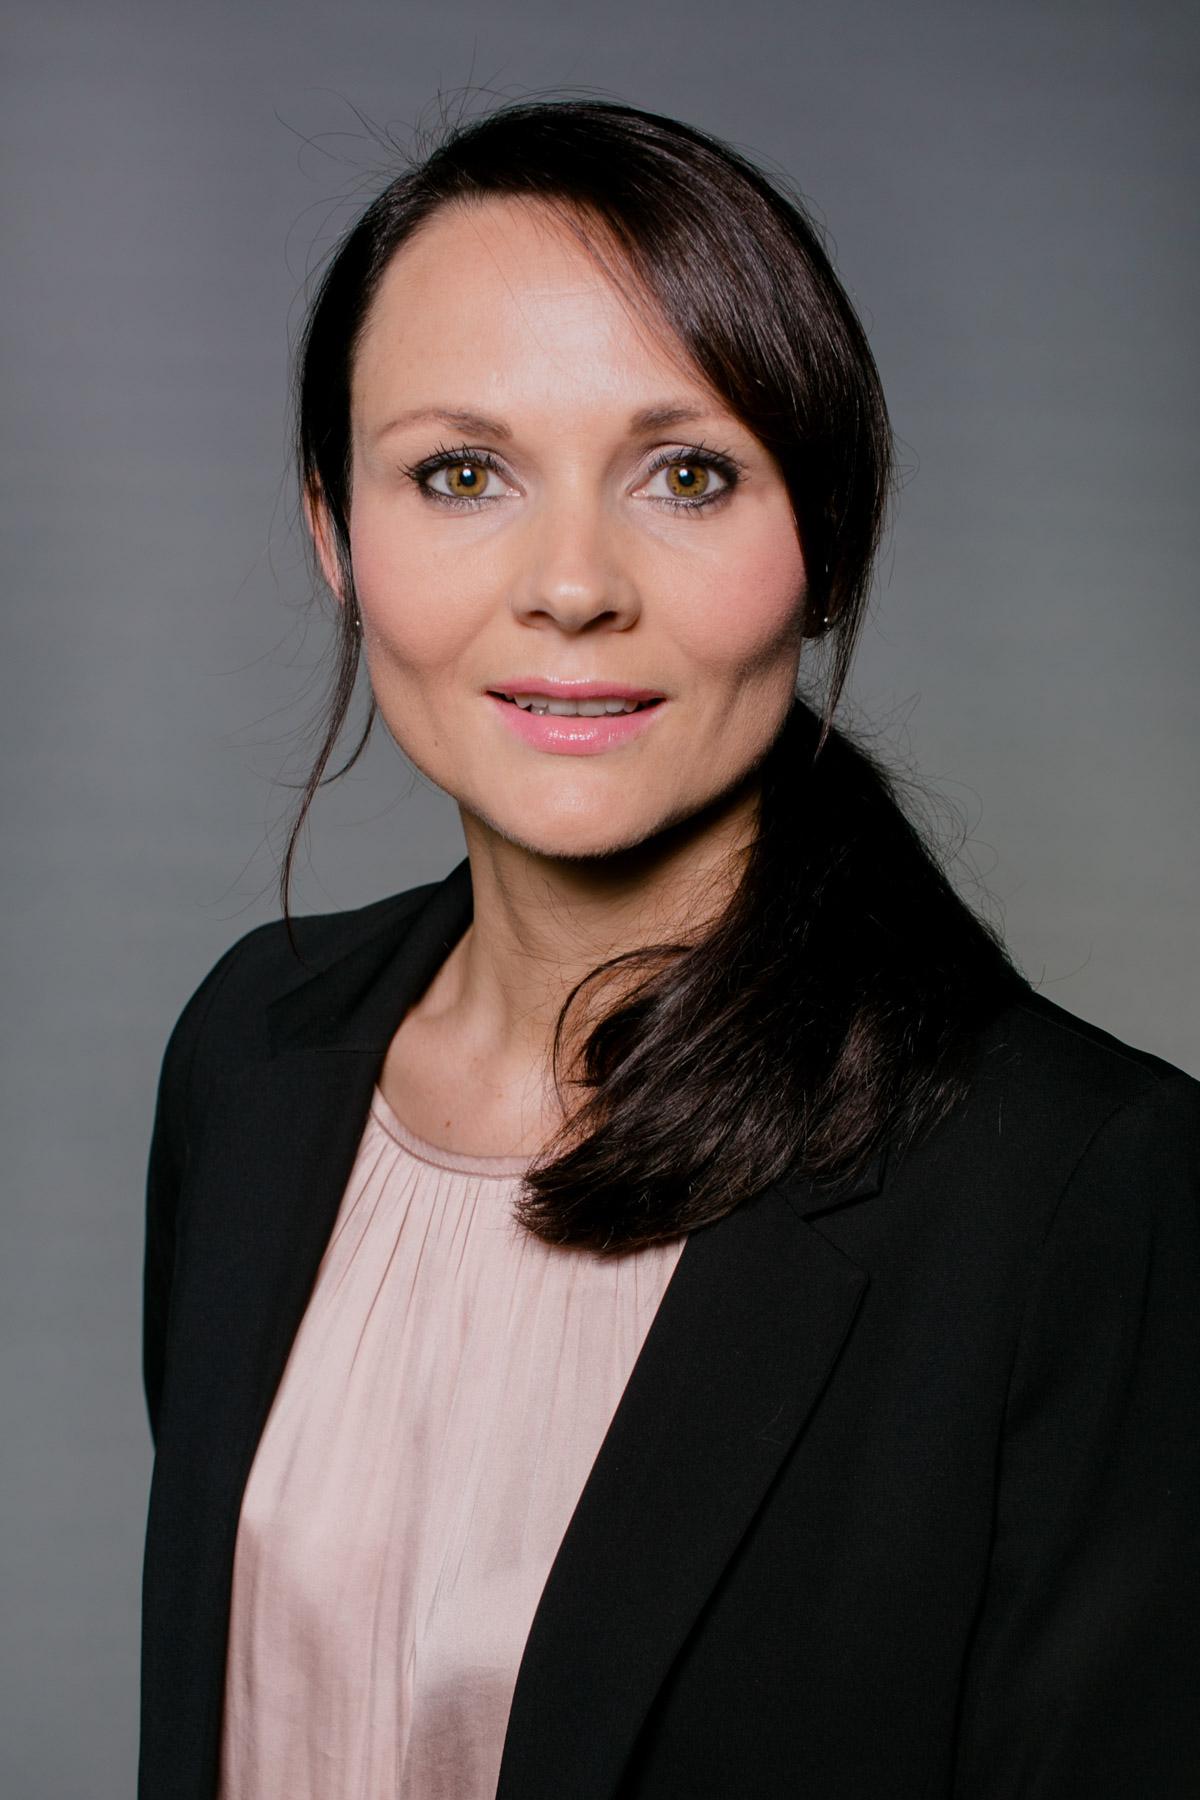 Mitarbeiterfoto einer Mitarbeiterin, klassisch vor grauem Hintergrund